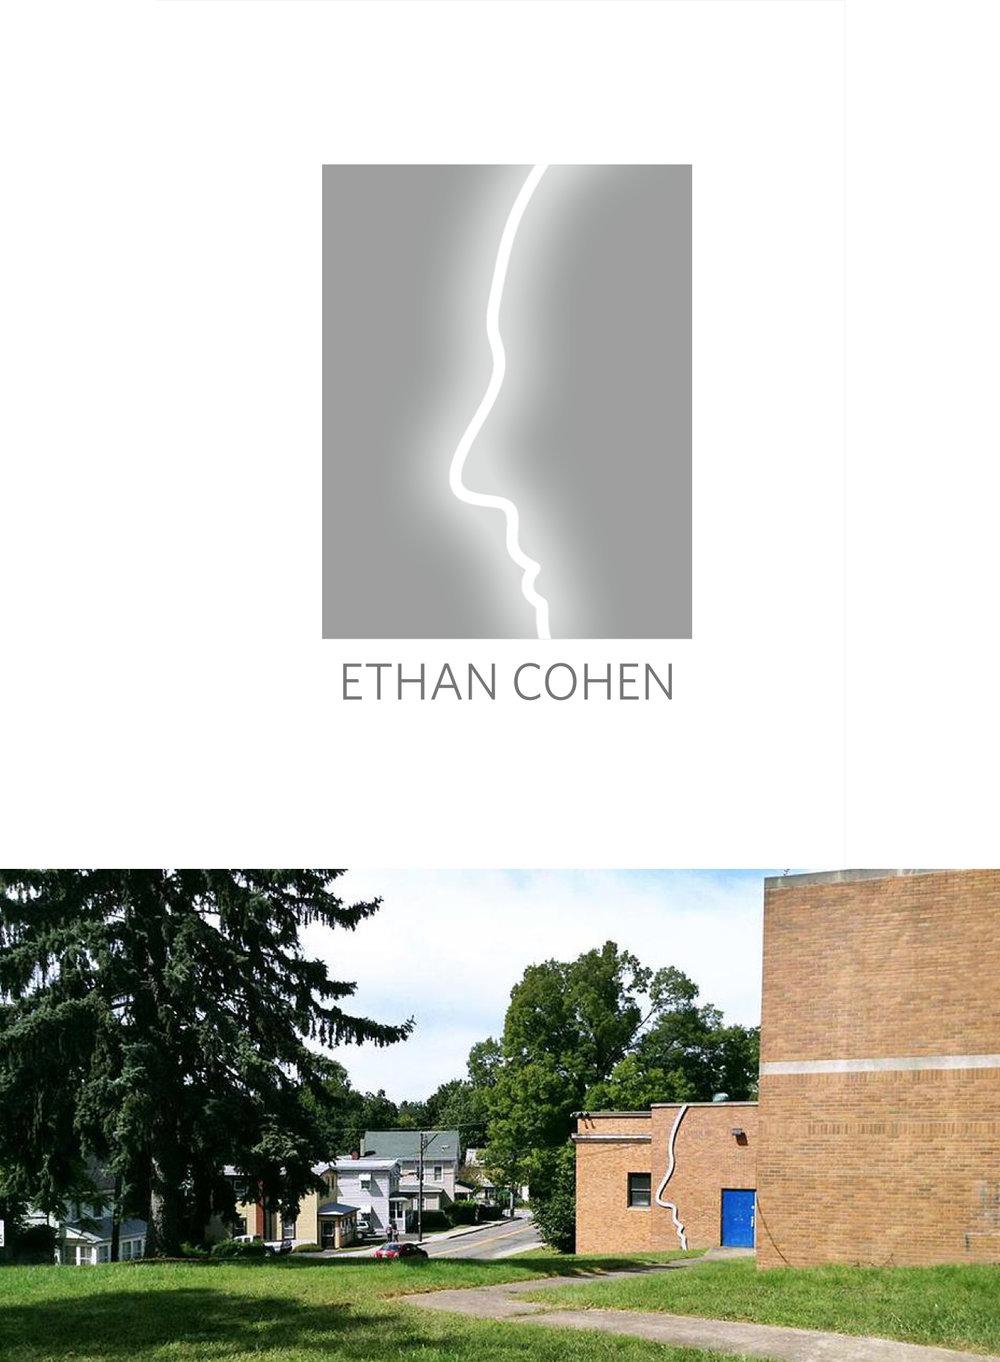 Ethan Cohen Logo